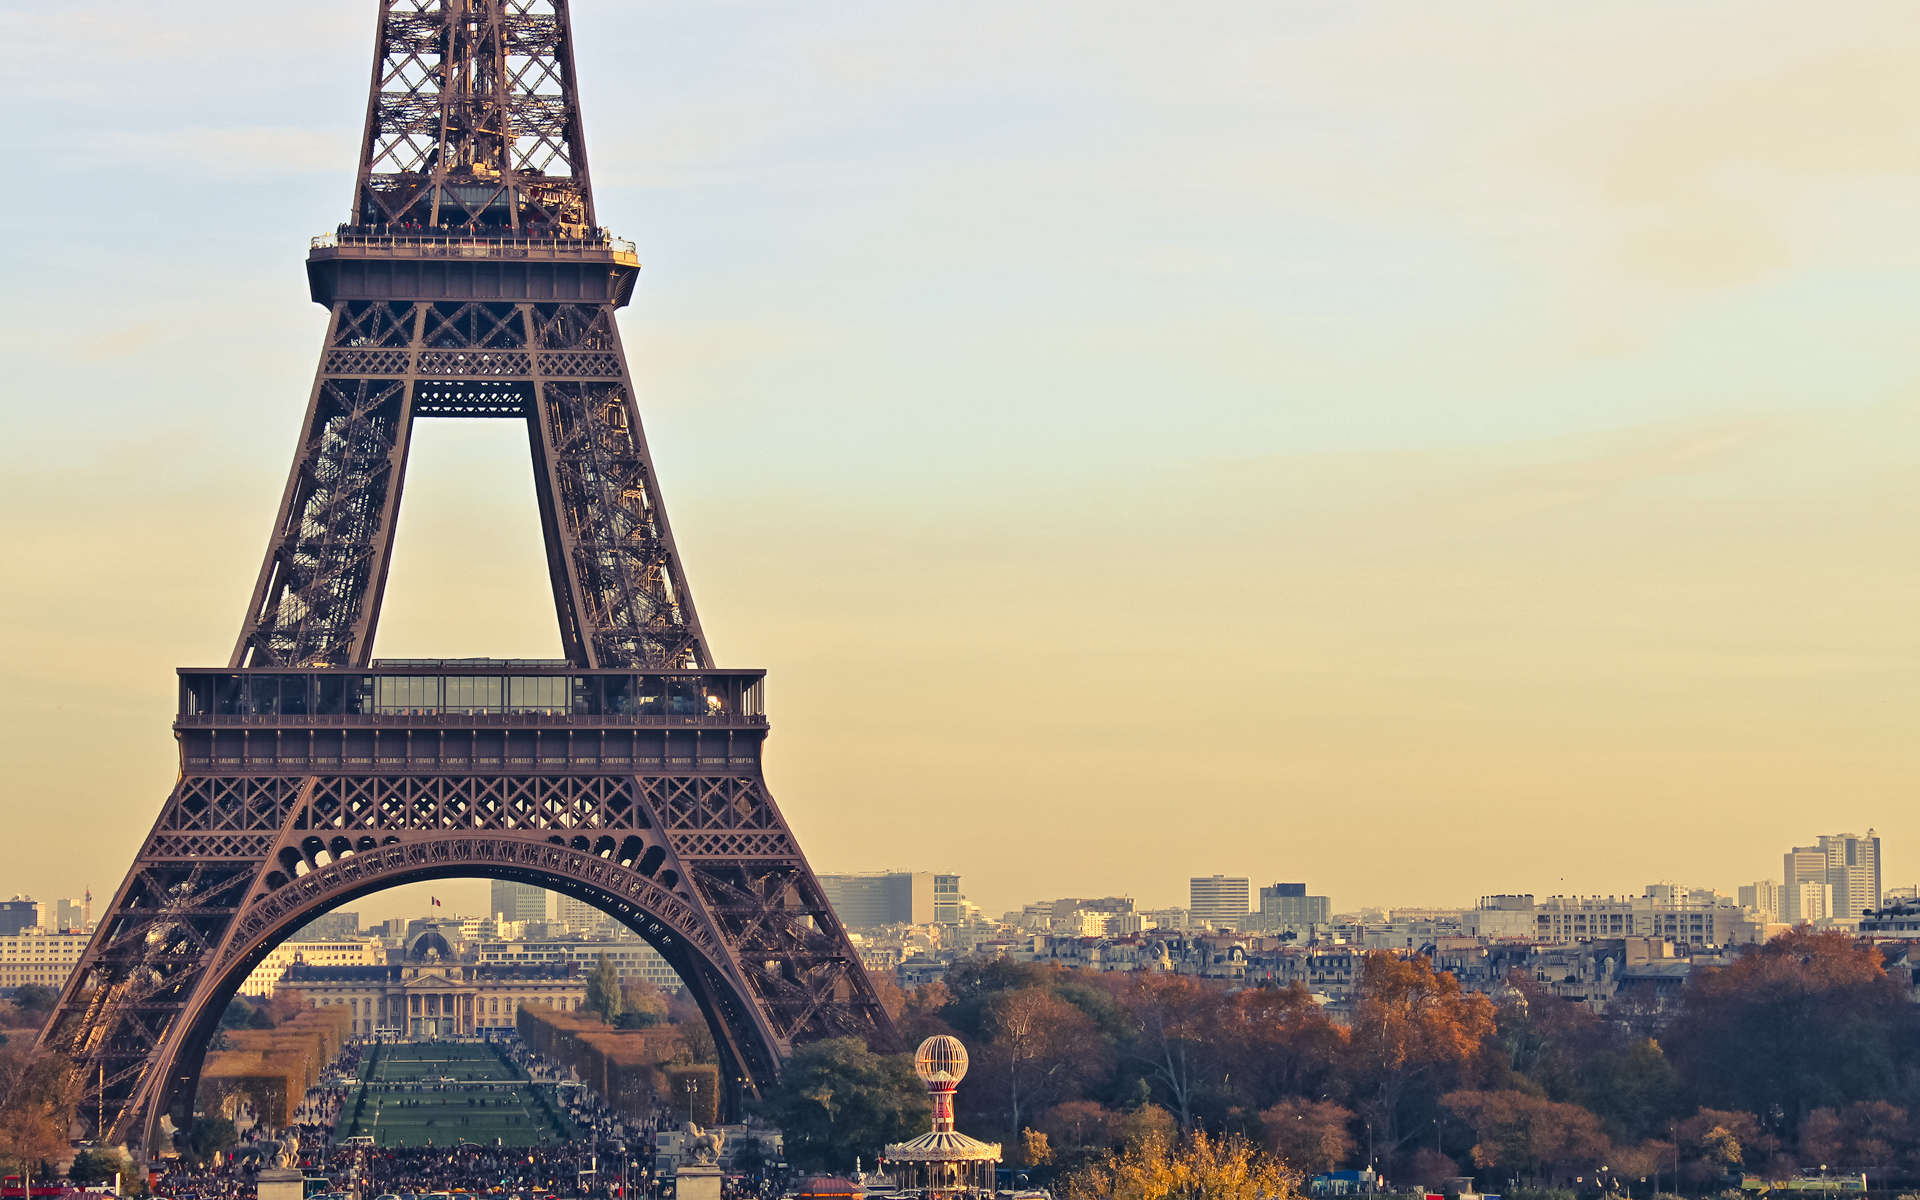 Ảnh nền khung cảnh Paris với tháp Eiffel